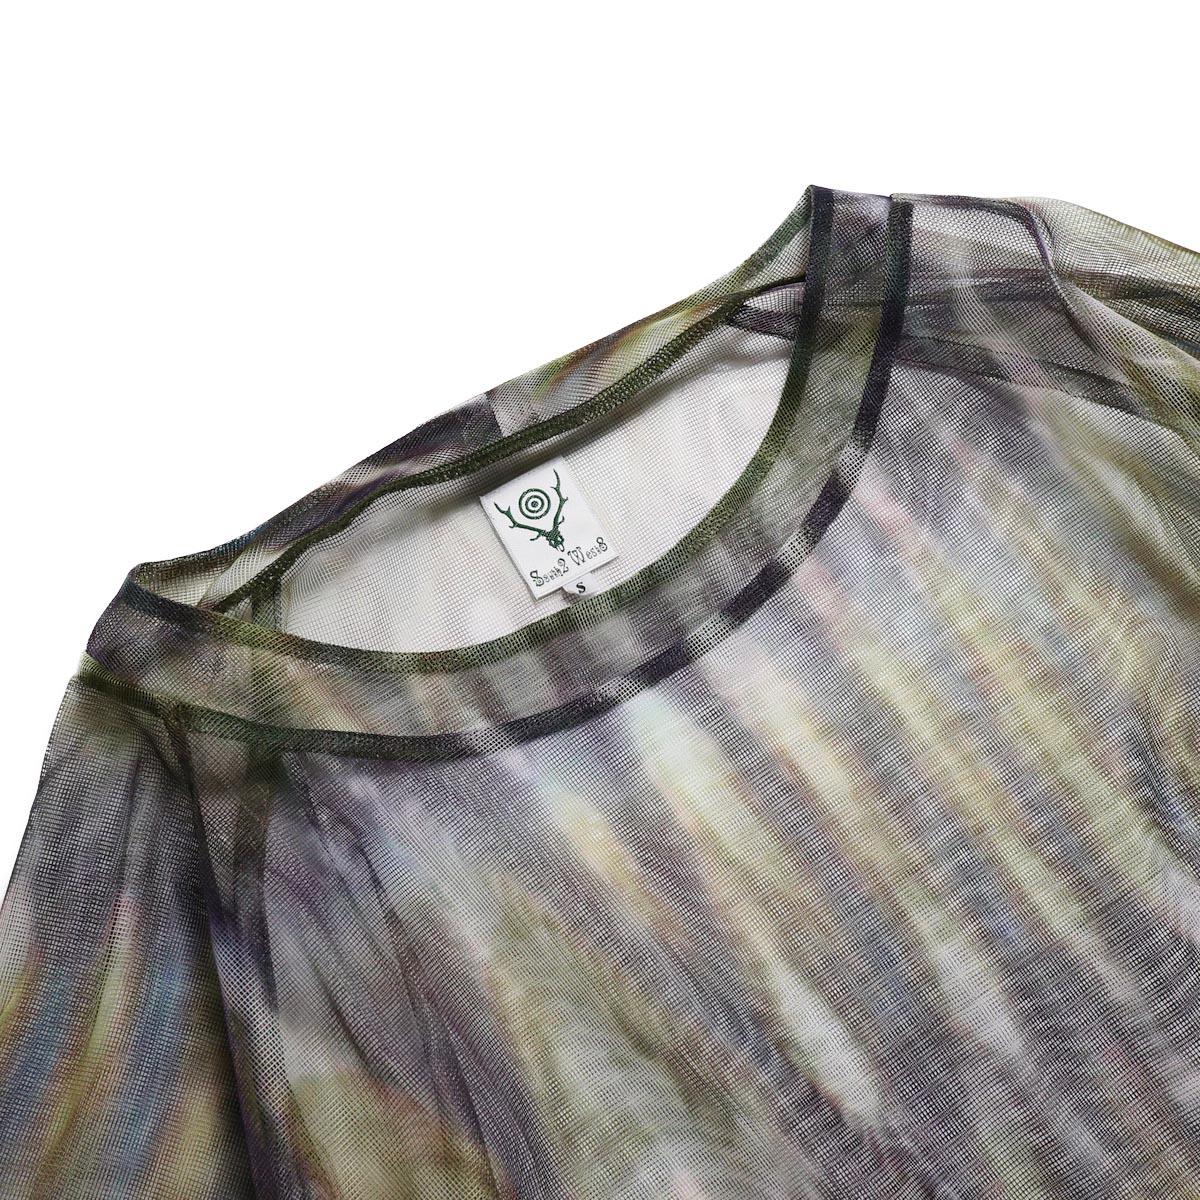 SOUTH2 WEST8 / Bush Shirt -Mesh Print (Tie Dye) 首元